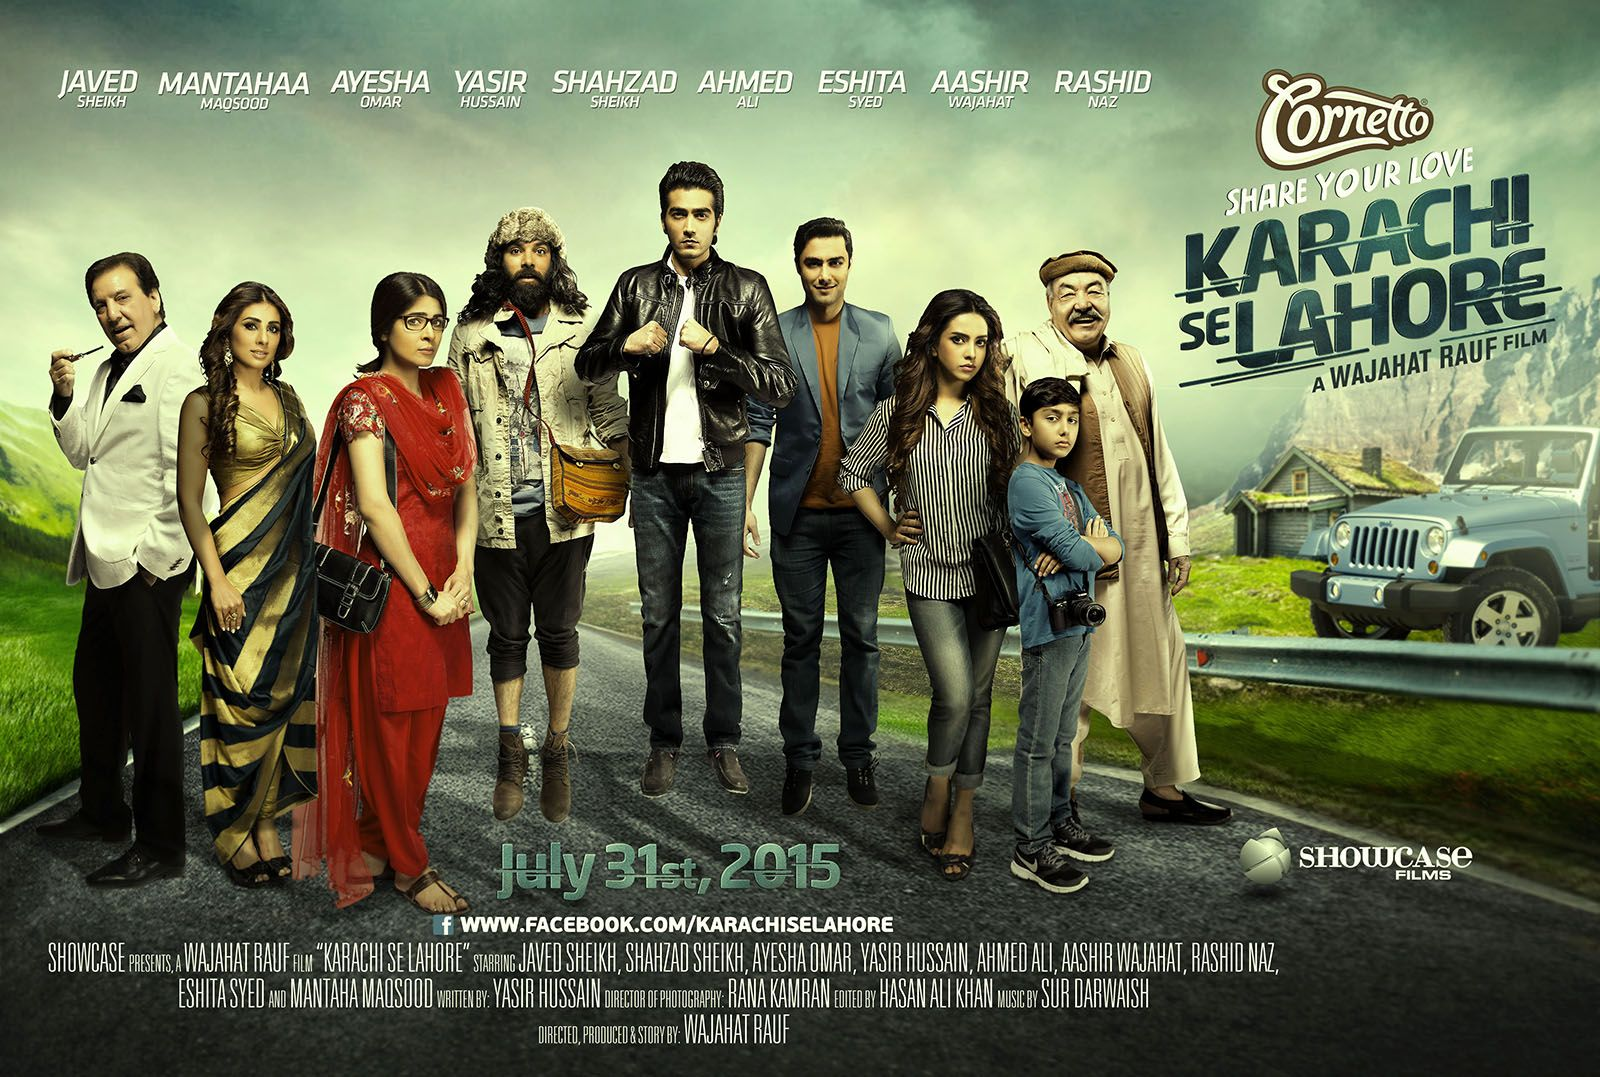 Lead Horizontal Poster Pakistani Movies Pakistan Movie Movies